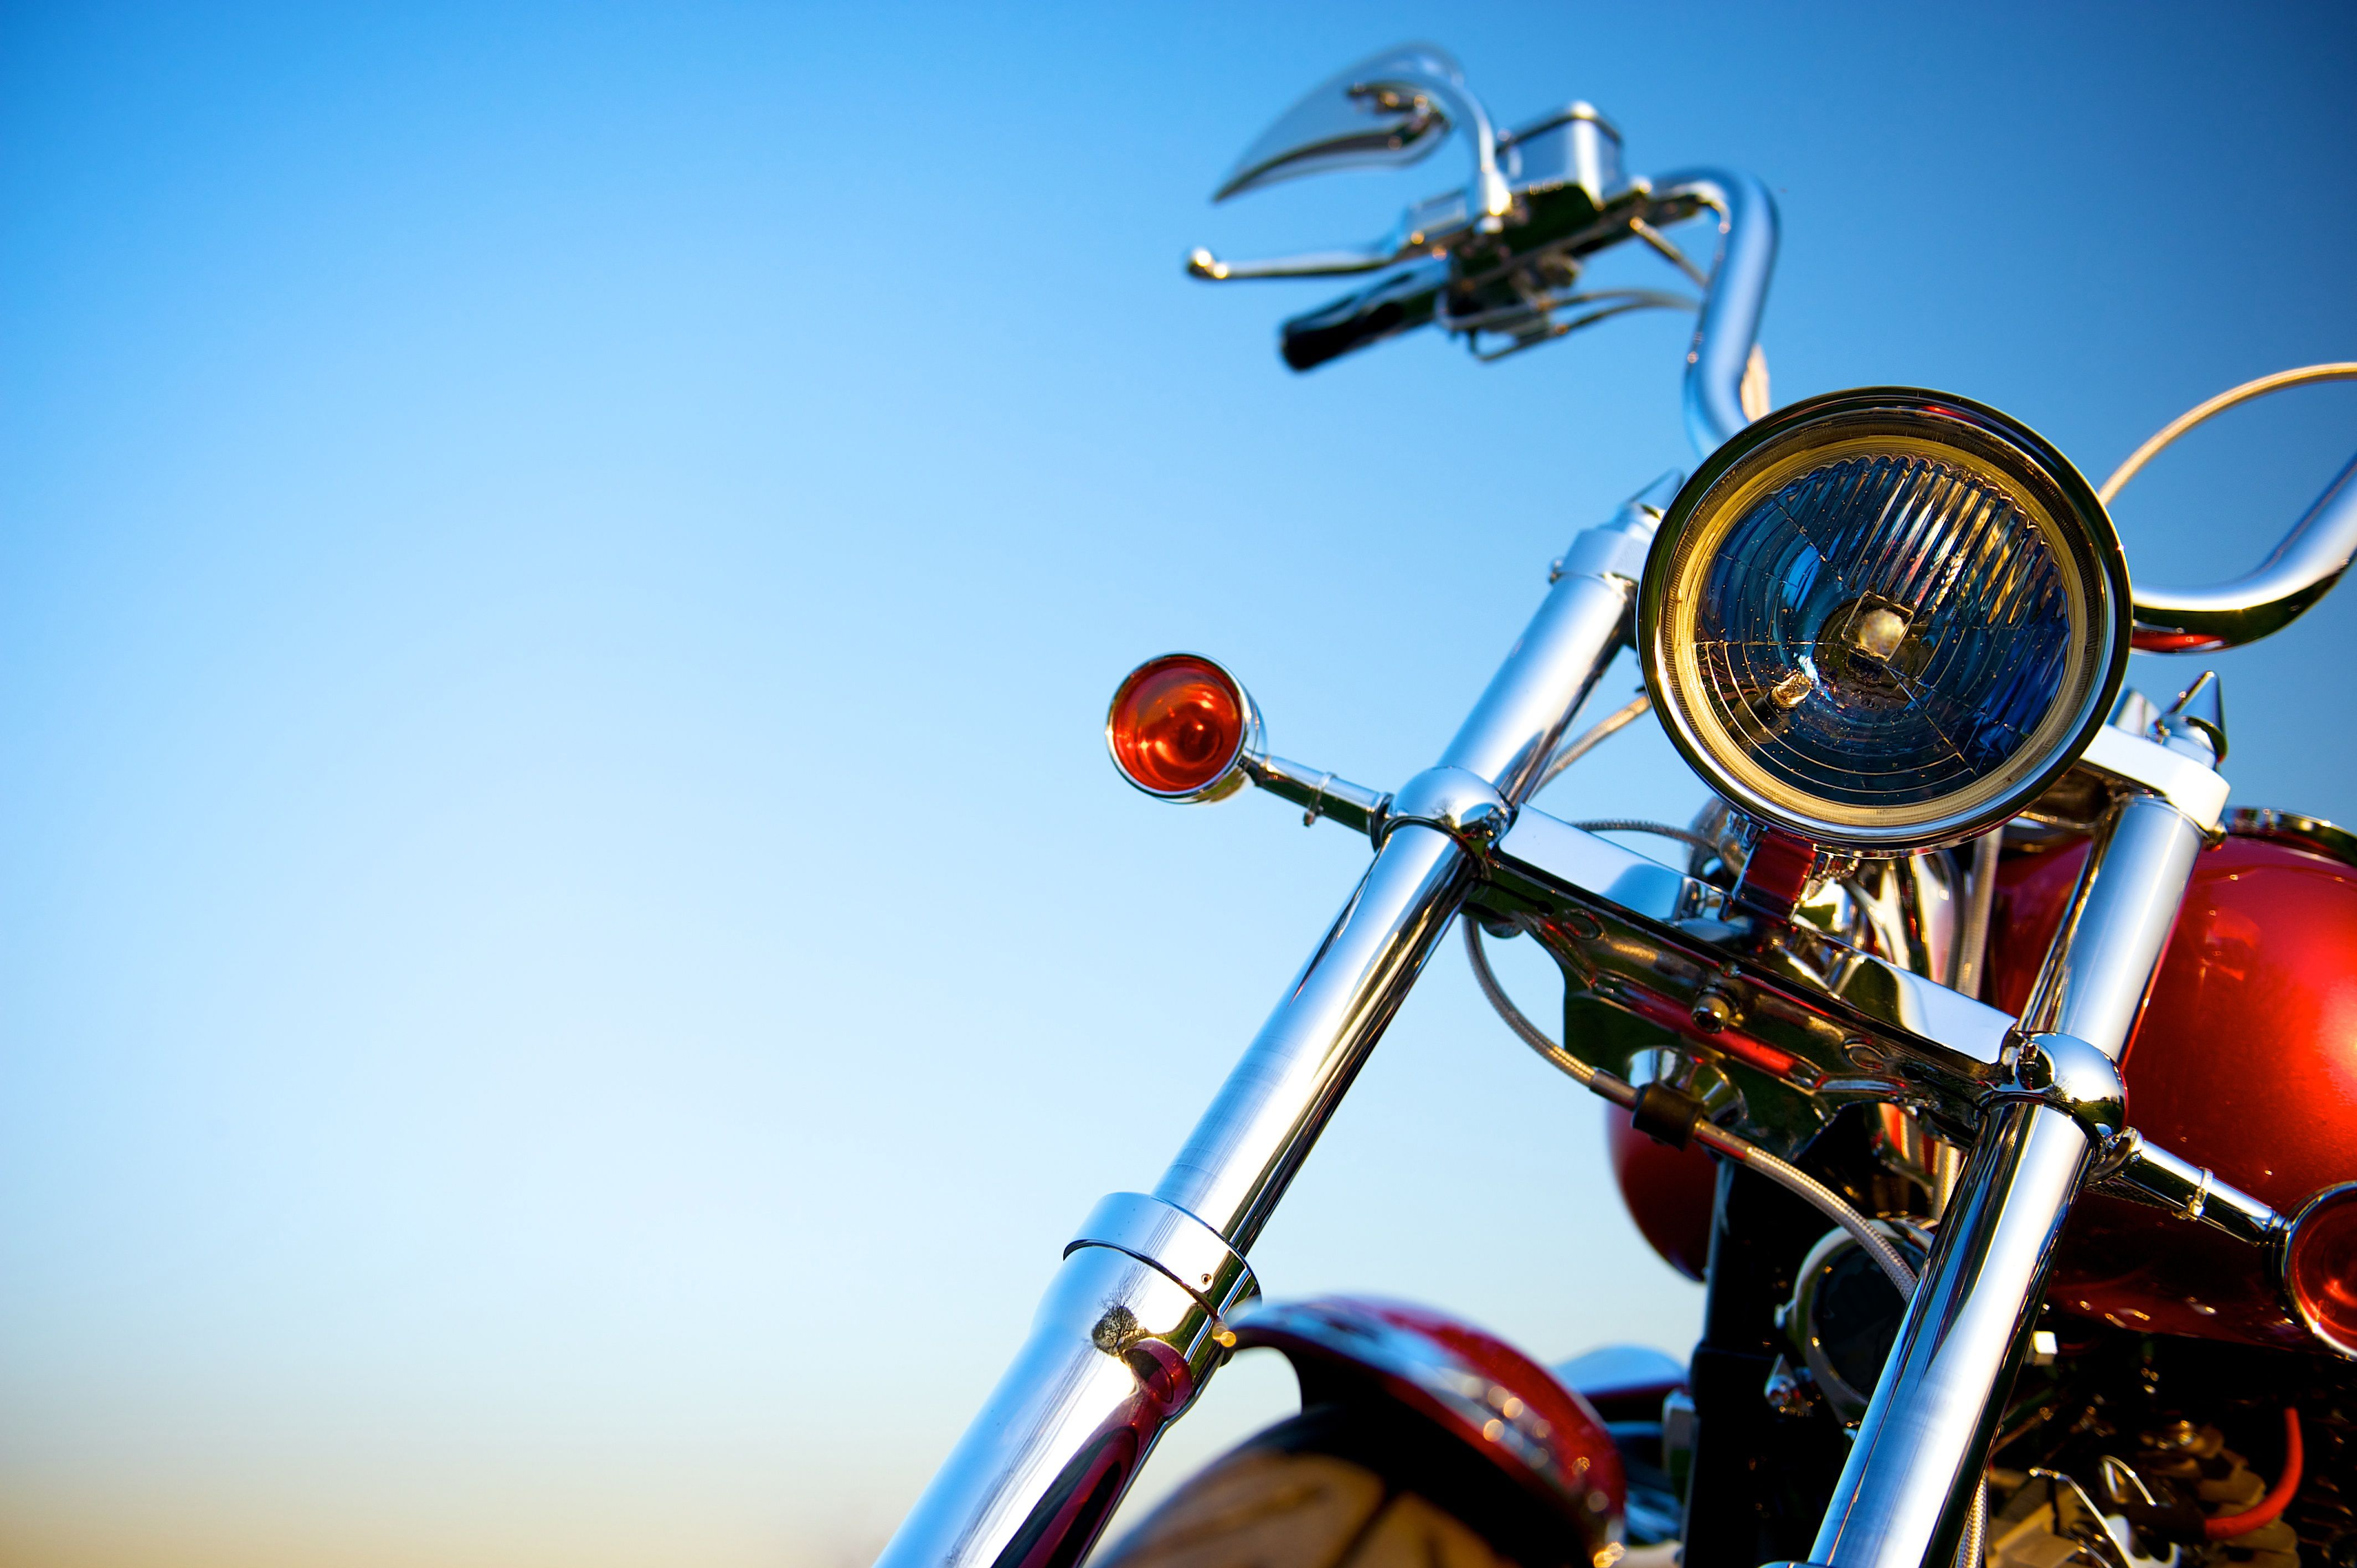 Compraventa de motos en Eixample Barcelona